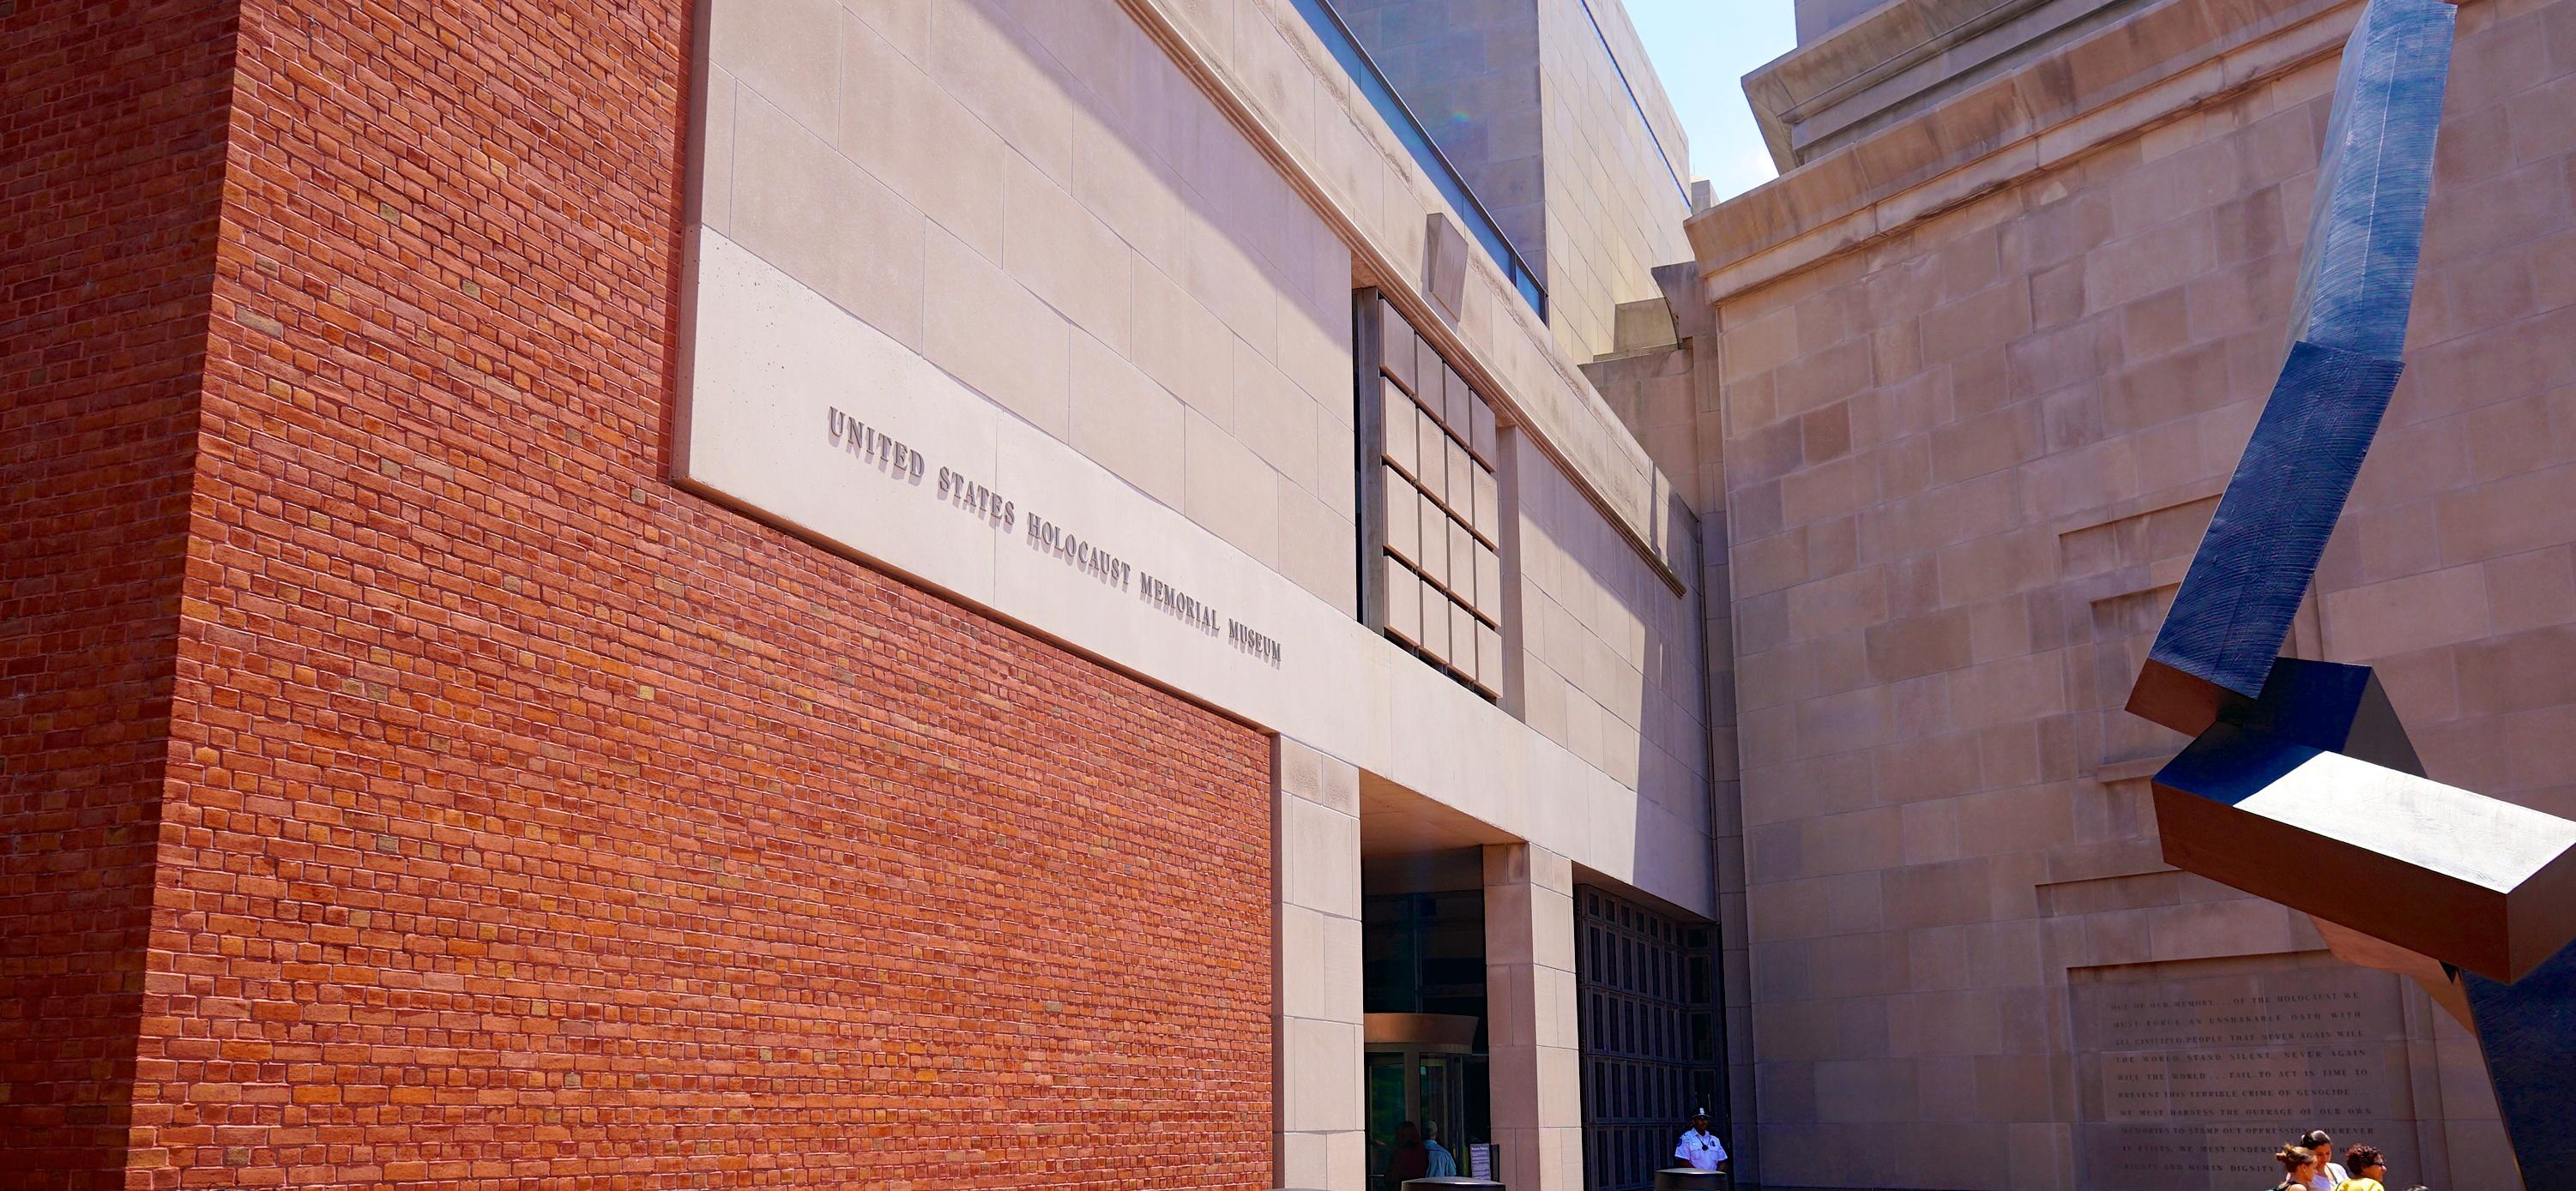 US Holocaust Memorial Museum Washington DC USA 45366